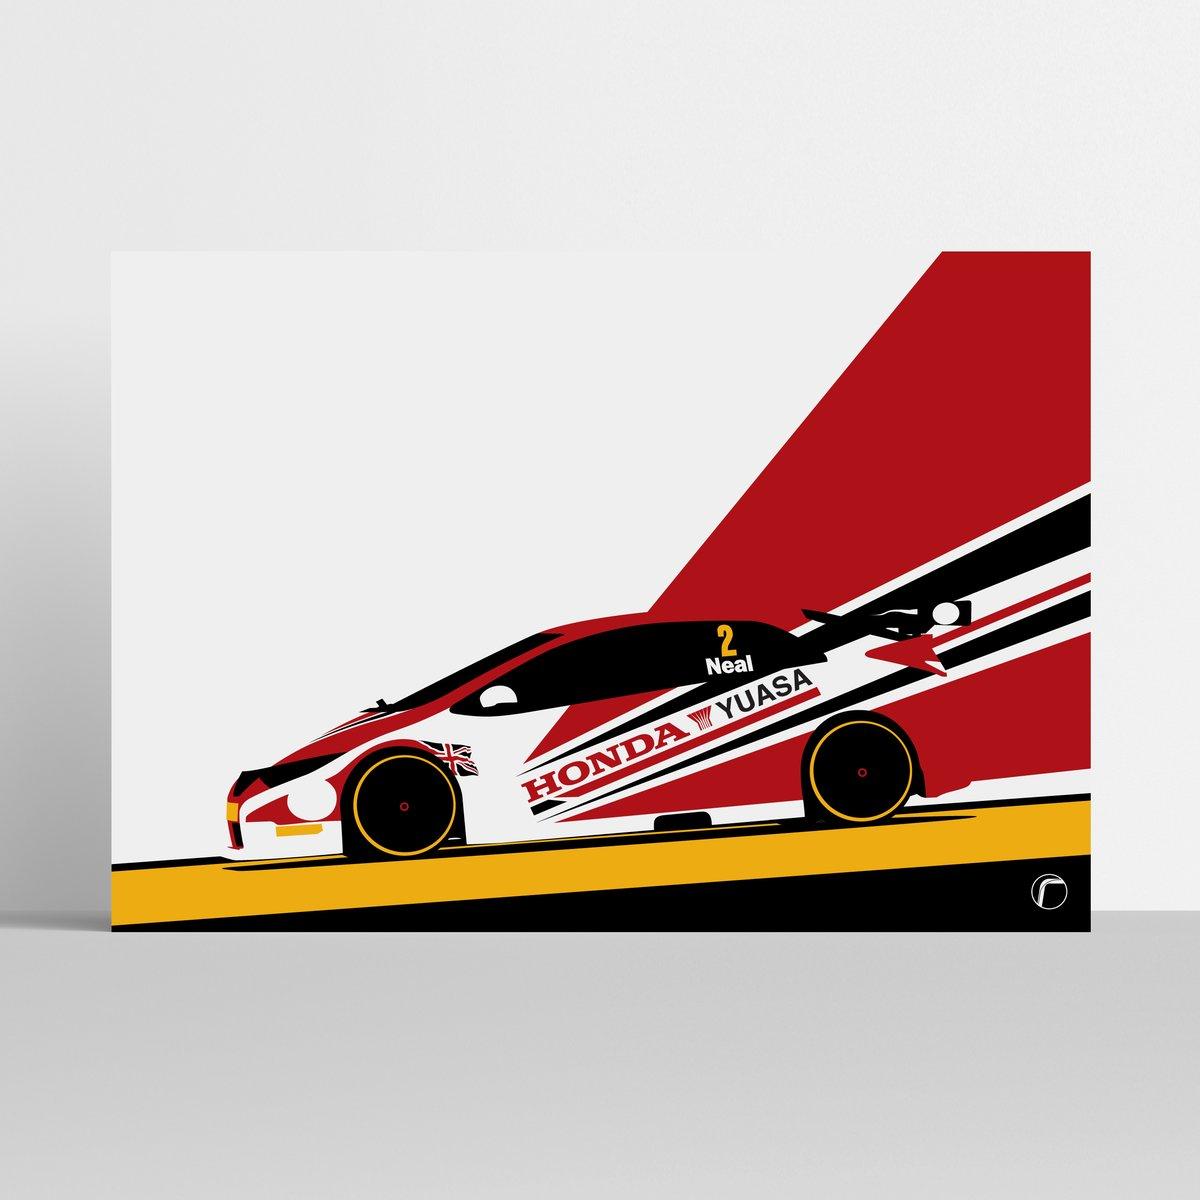 Image of Honda Yuasa | Matt Neal 2013